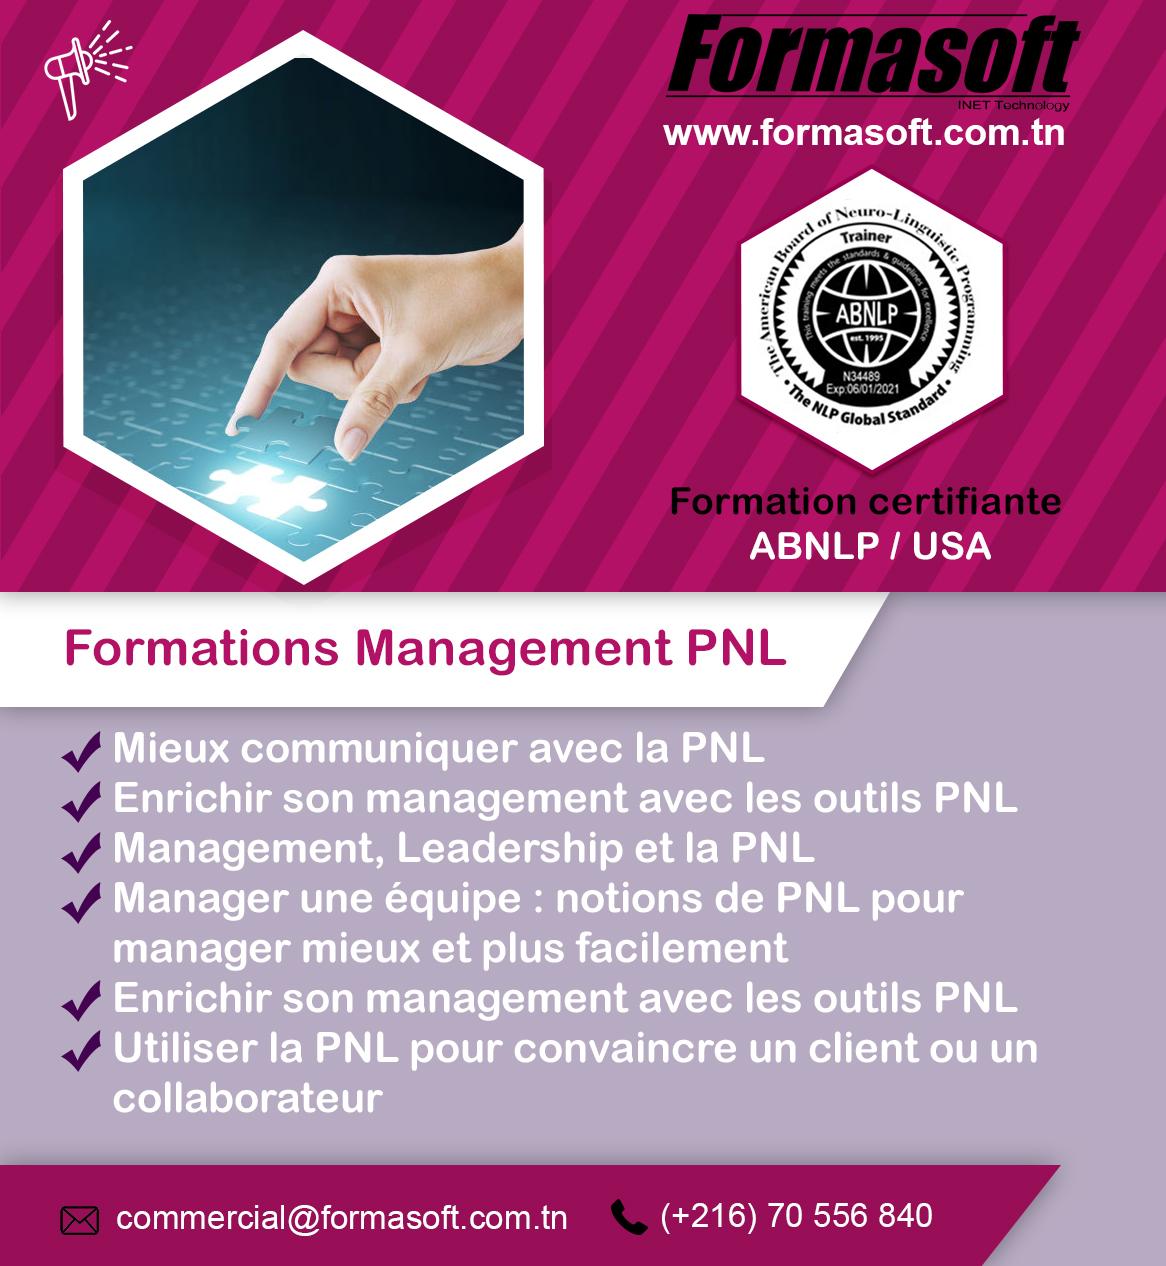 formation management pnl tunisie